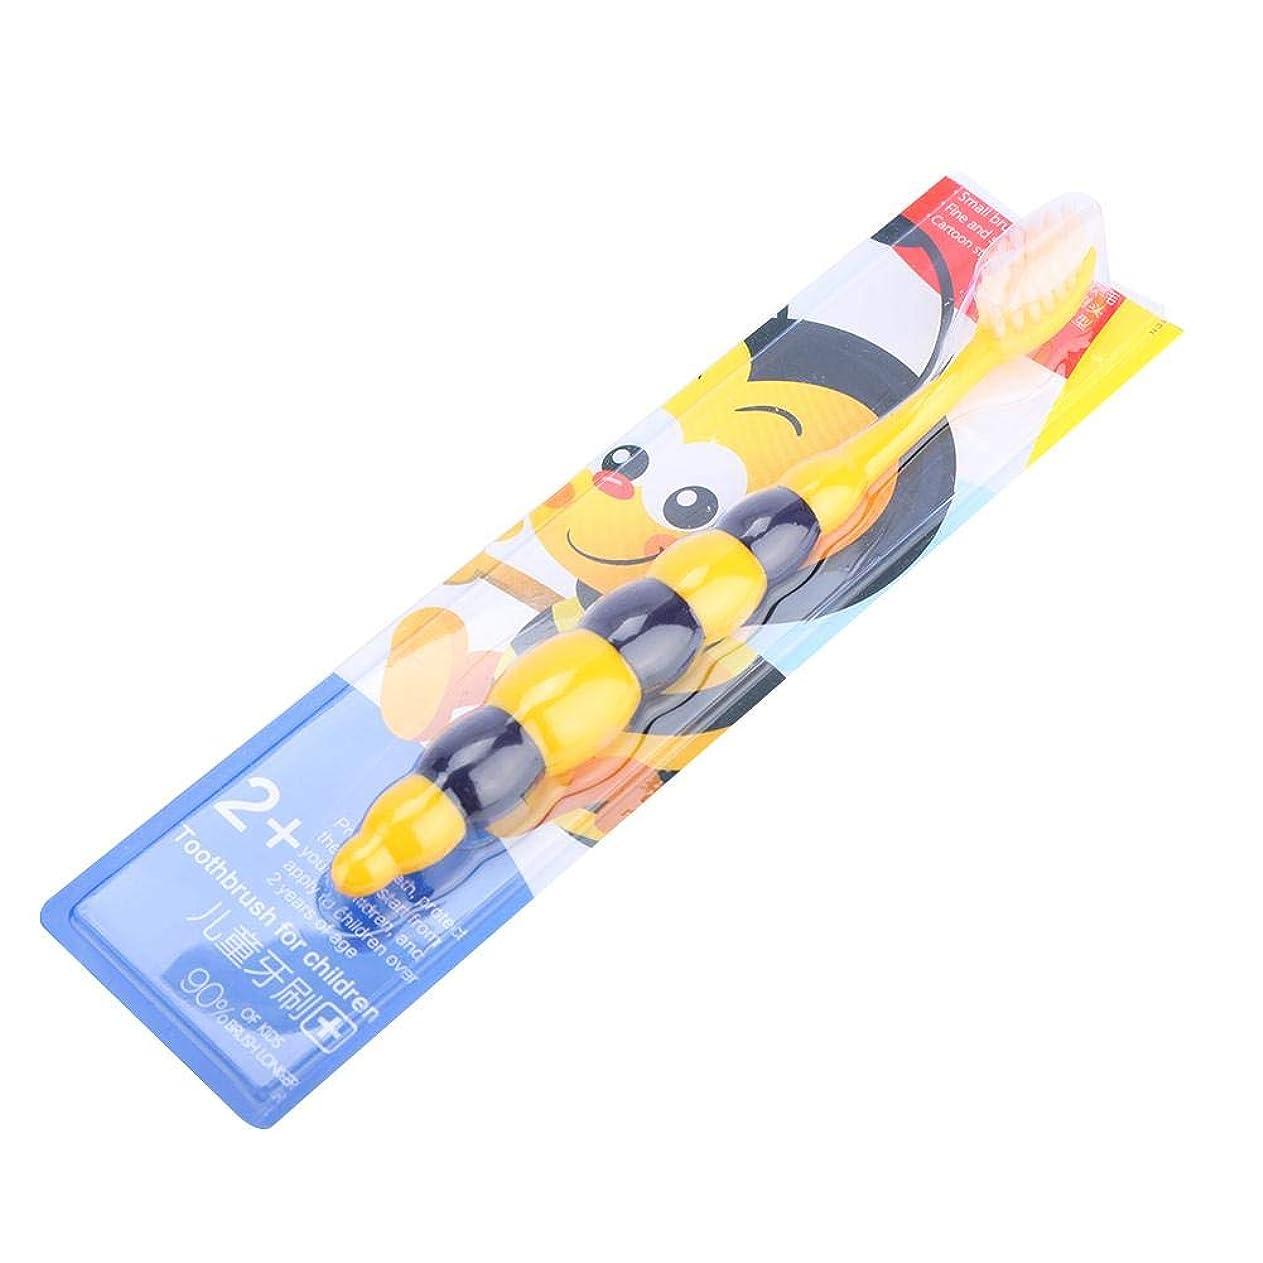 にもかかわらずペルメルリビングルーム子供の柔らかい髪の歯ブラシの子供かわいいクリーニングの歯ブラシオーラルケアツール(黄色い蜂)